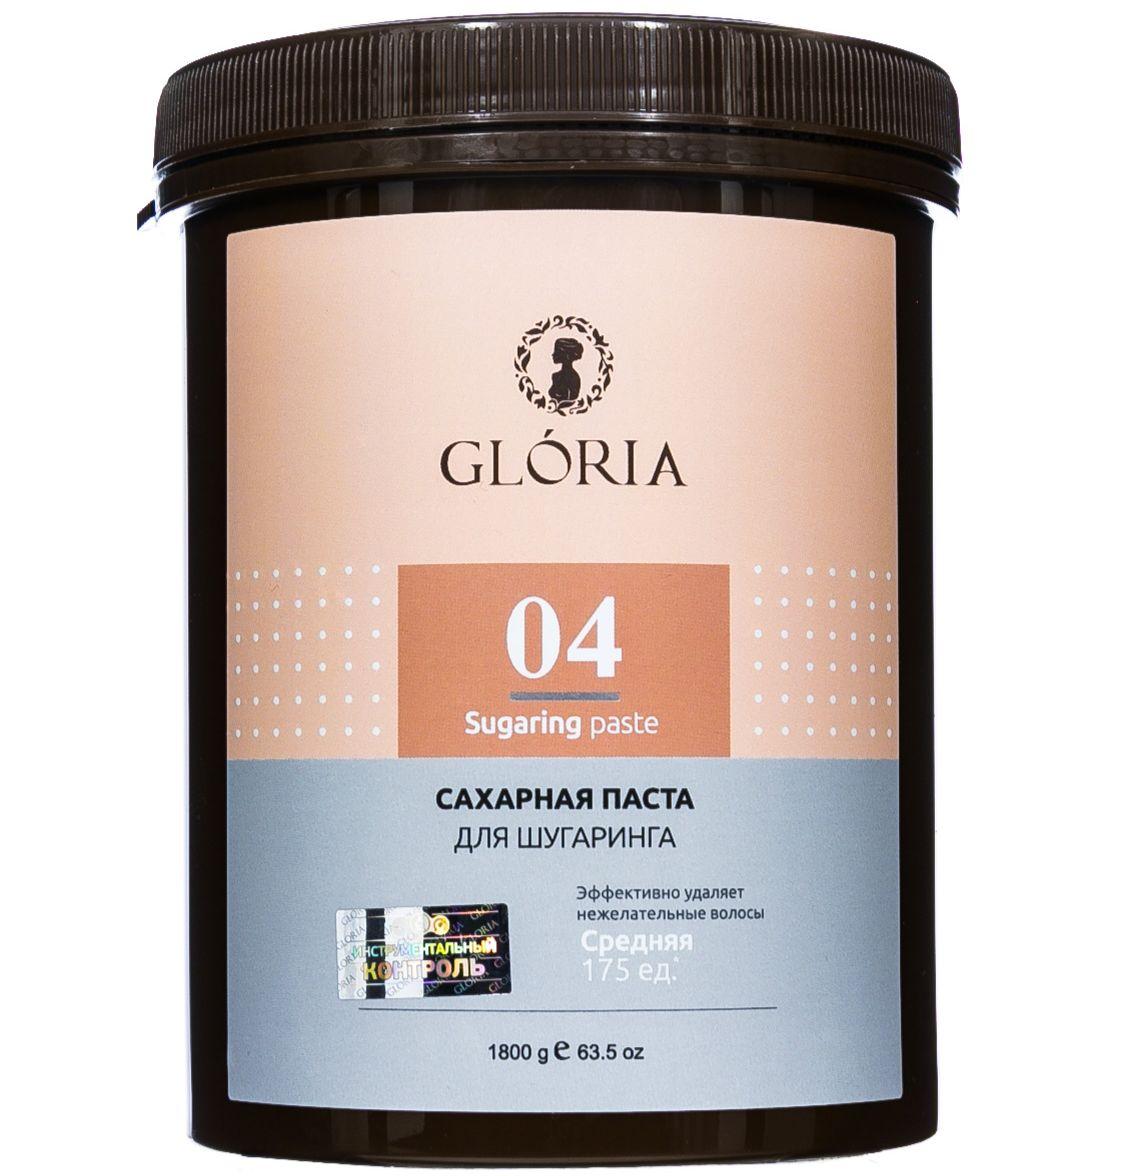 Gloria Sugaring Paste 04